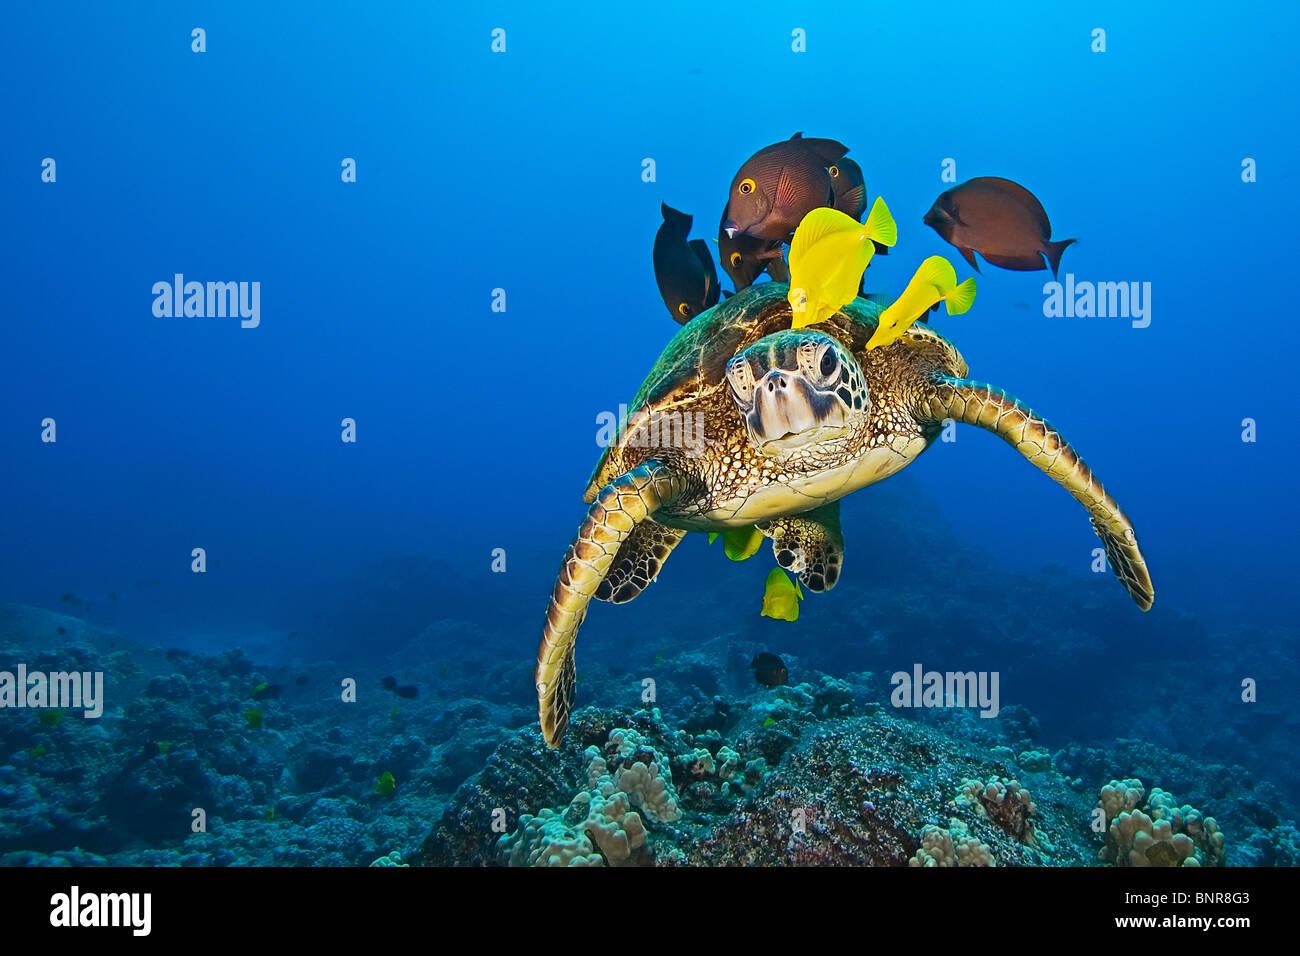 Especies en peligro de extinción, tortugas marinas verdes, Chelonia mydas, se limpian los distintos tipos de pescado Foto de stock